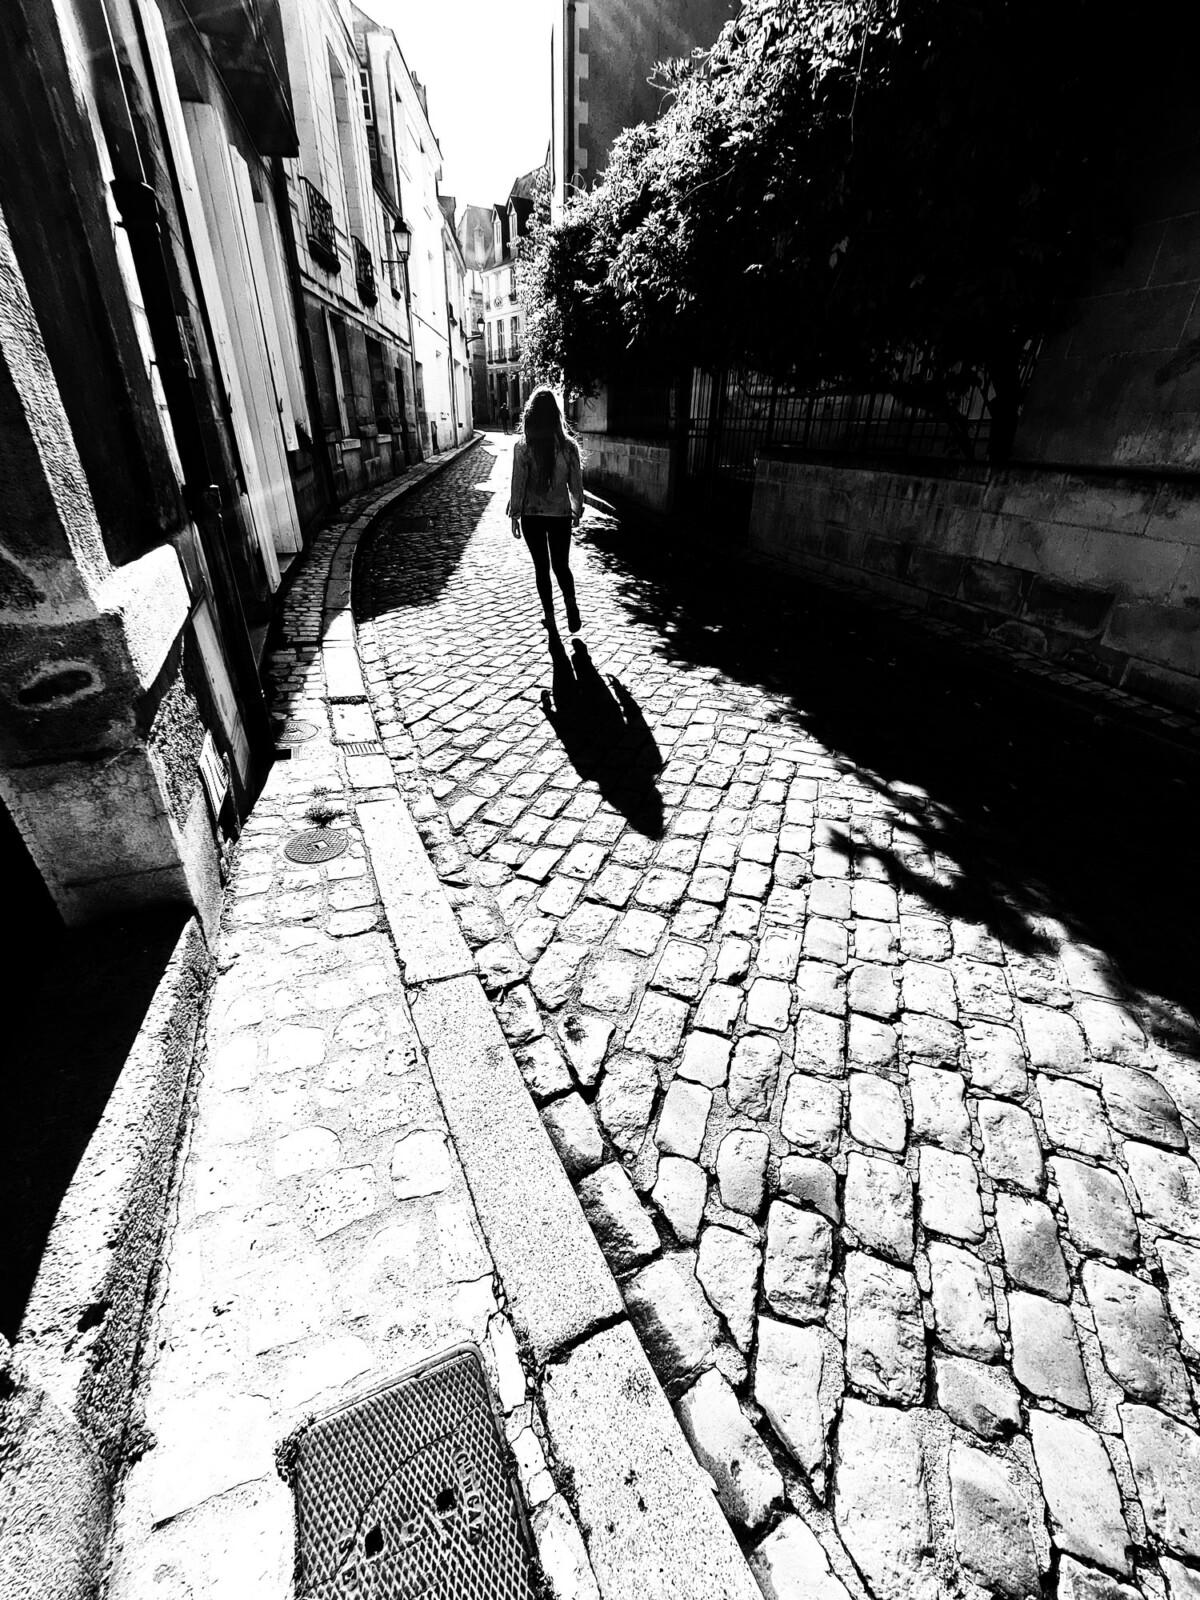 Le mode grand-angle utilisé dans la photo permet de mieux tirer parti de la courbure de la rue pour mettre en valeur le sujet.